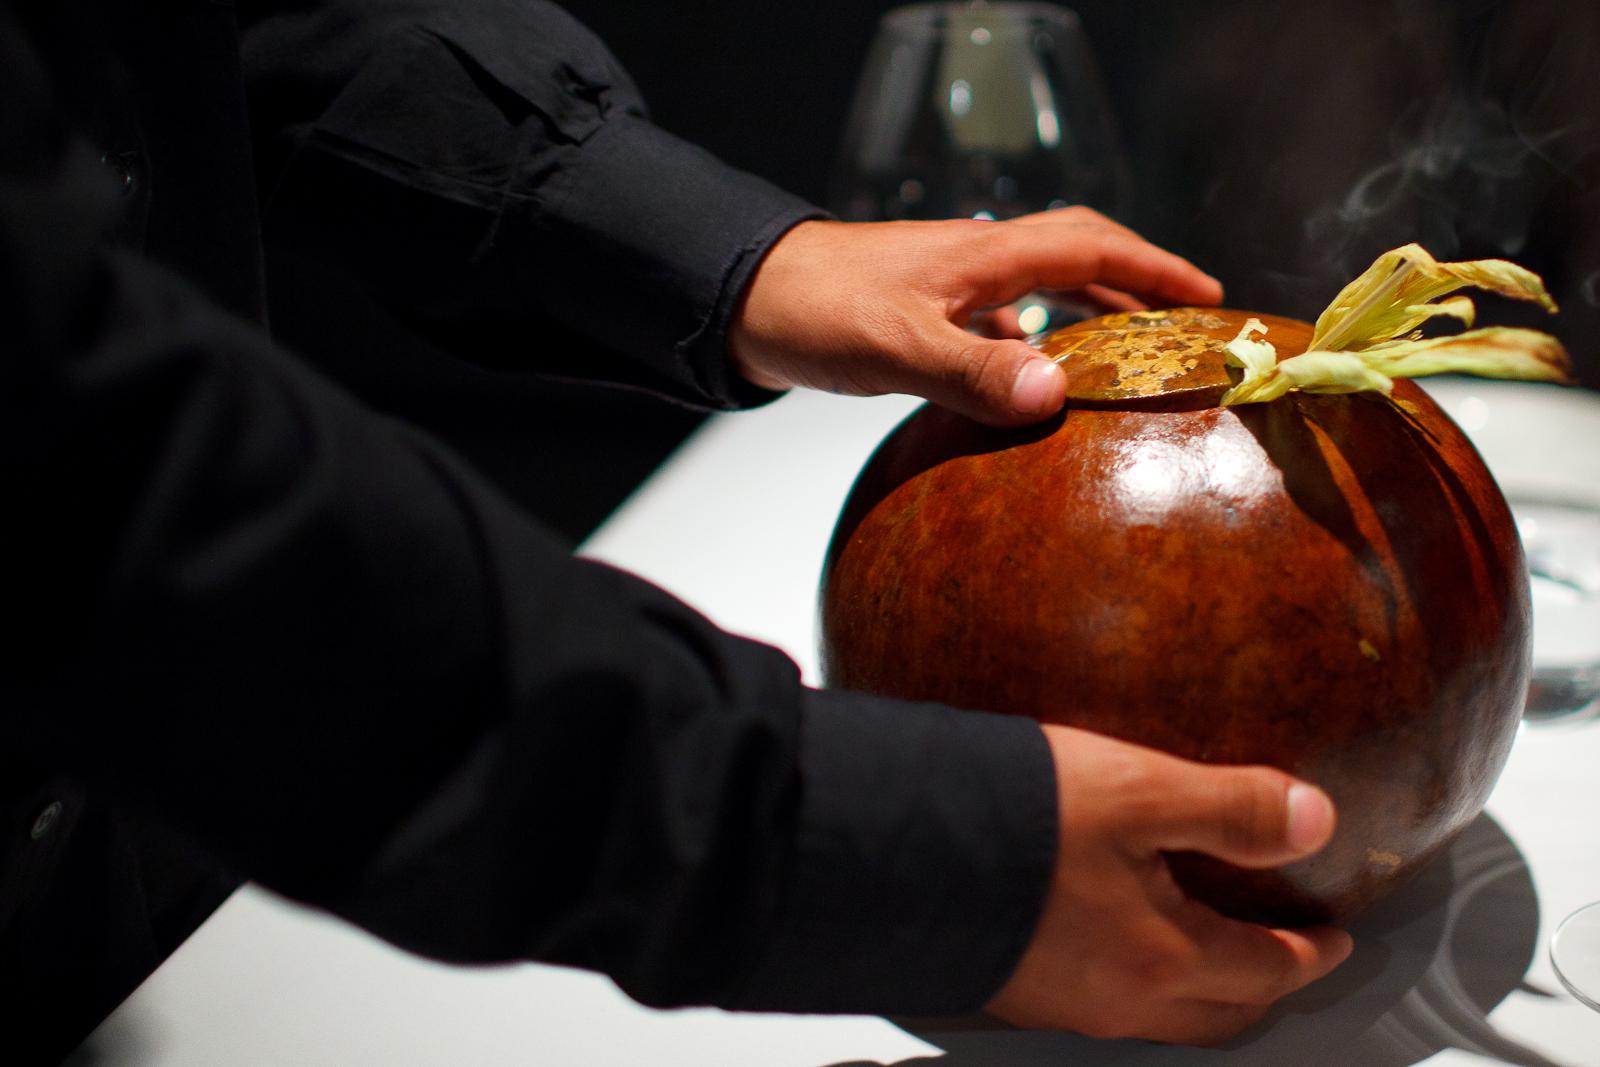 Amuse Bouche: Elotitos tatemados con mayonesa de café y polvo de chicatana (hormiga) (Smoked baby corn with coffee mayonnaise and ant powder), interior